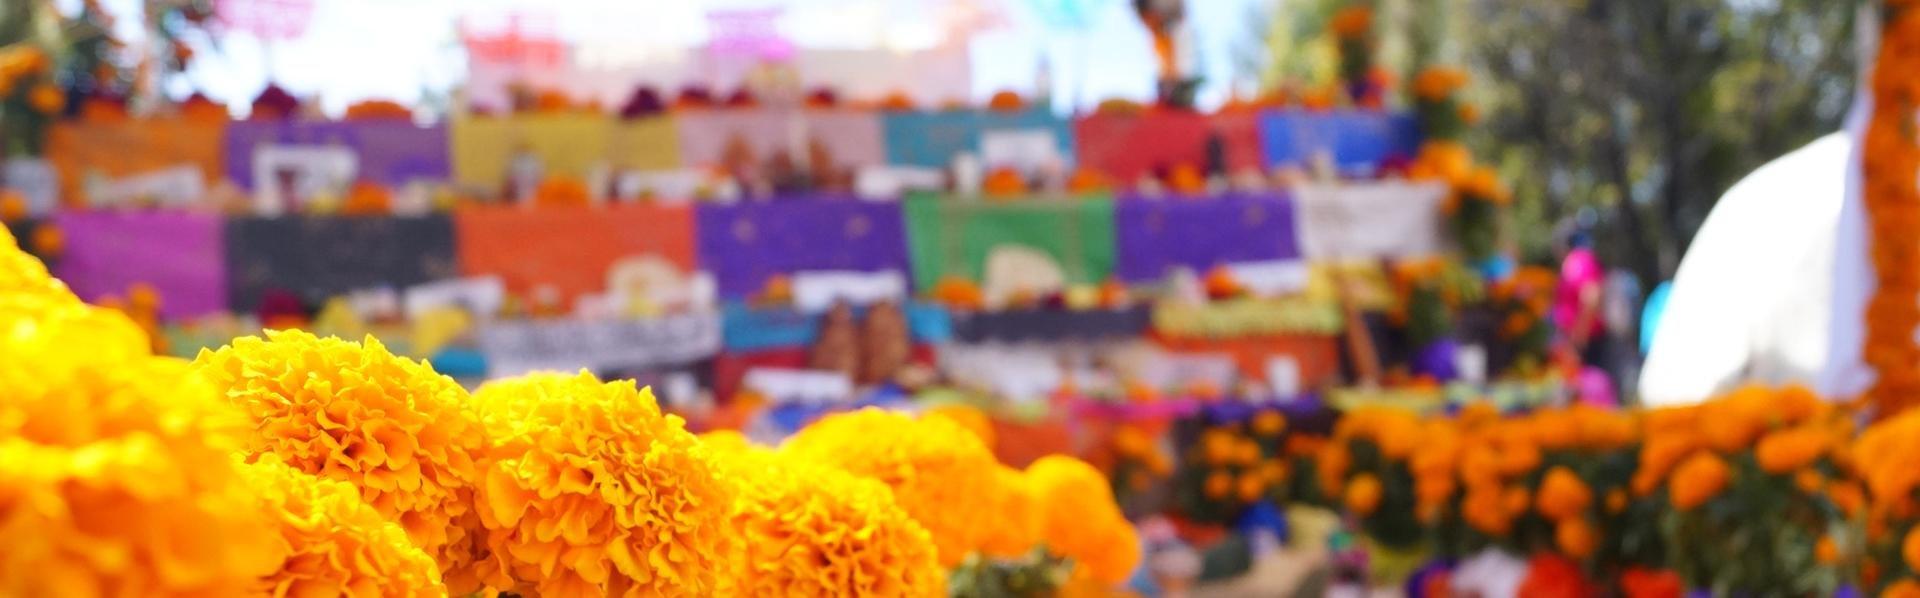 Días de los Muertos in Mexico